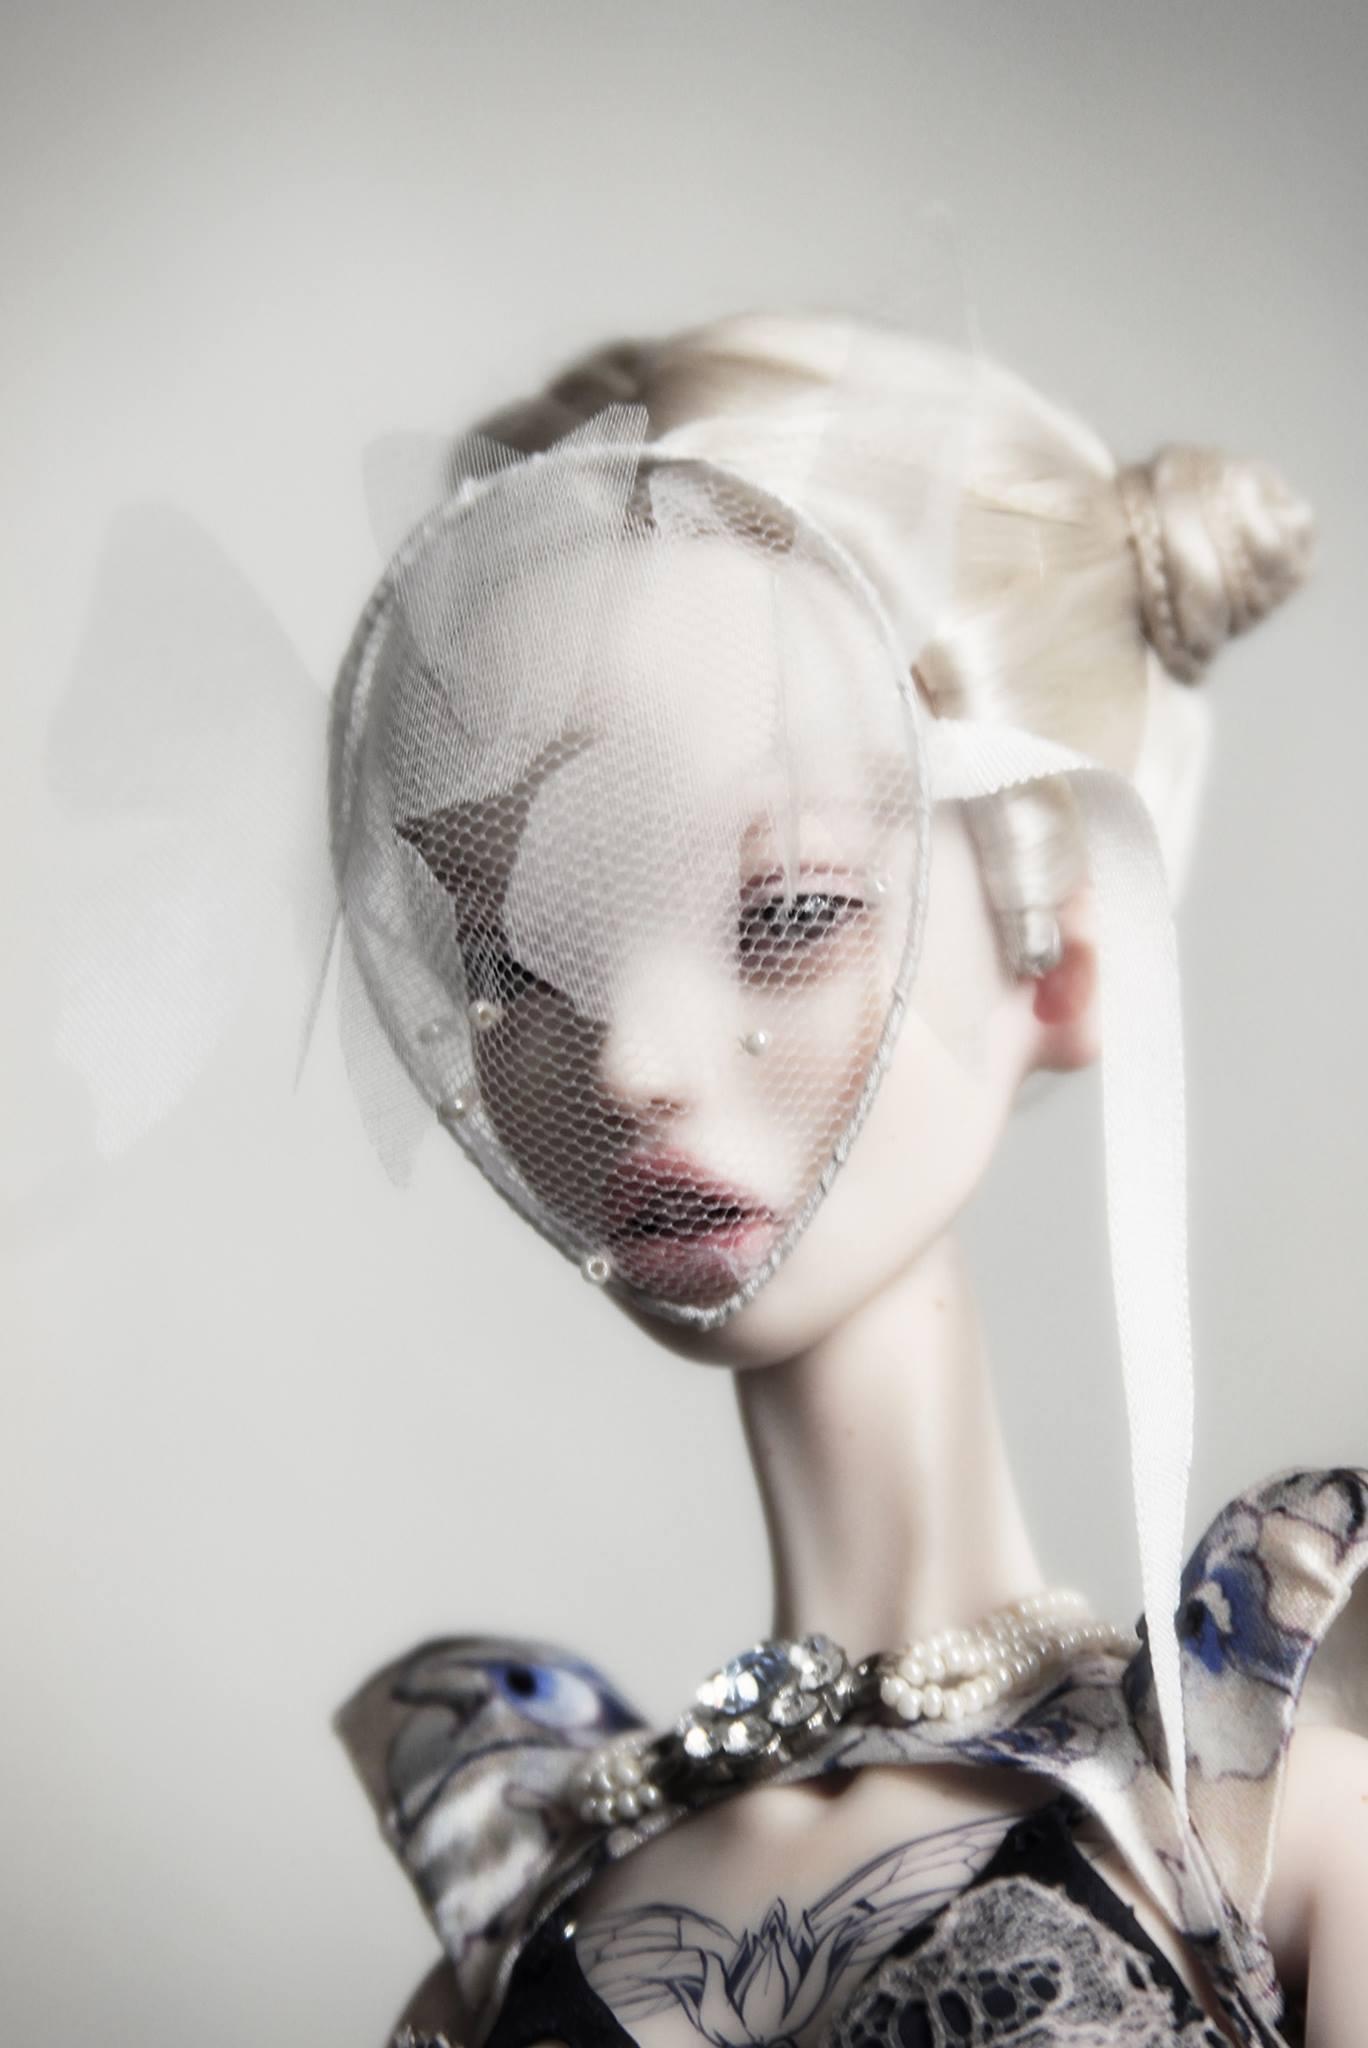 popovy dolls – www.popovy-dolls.com